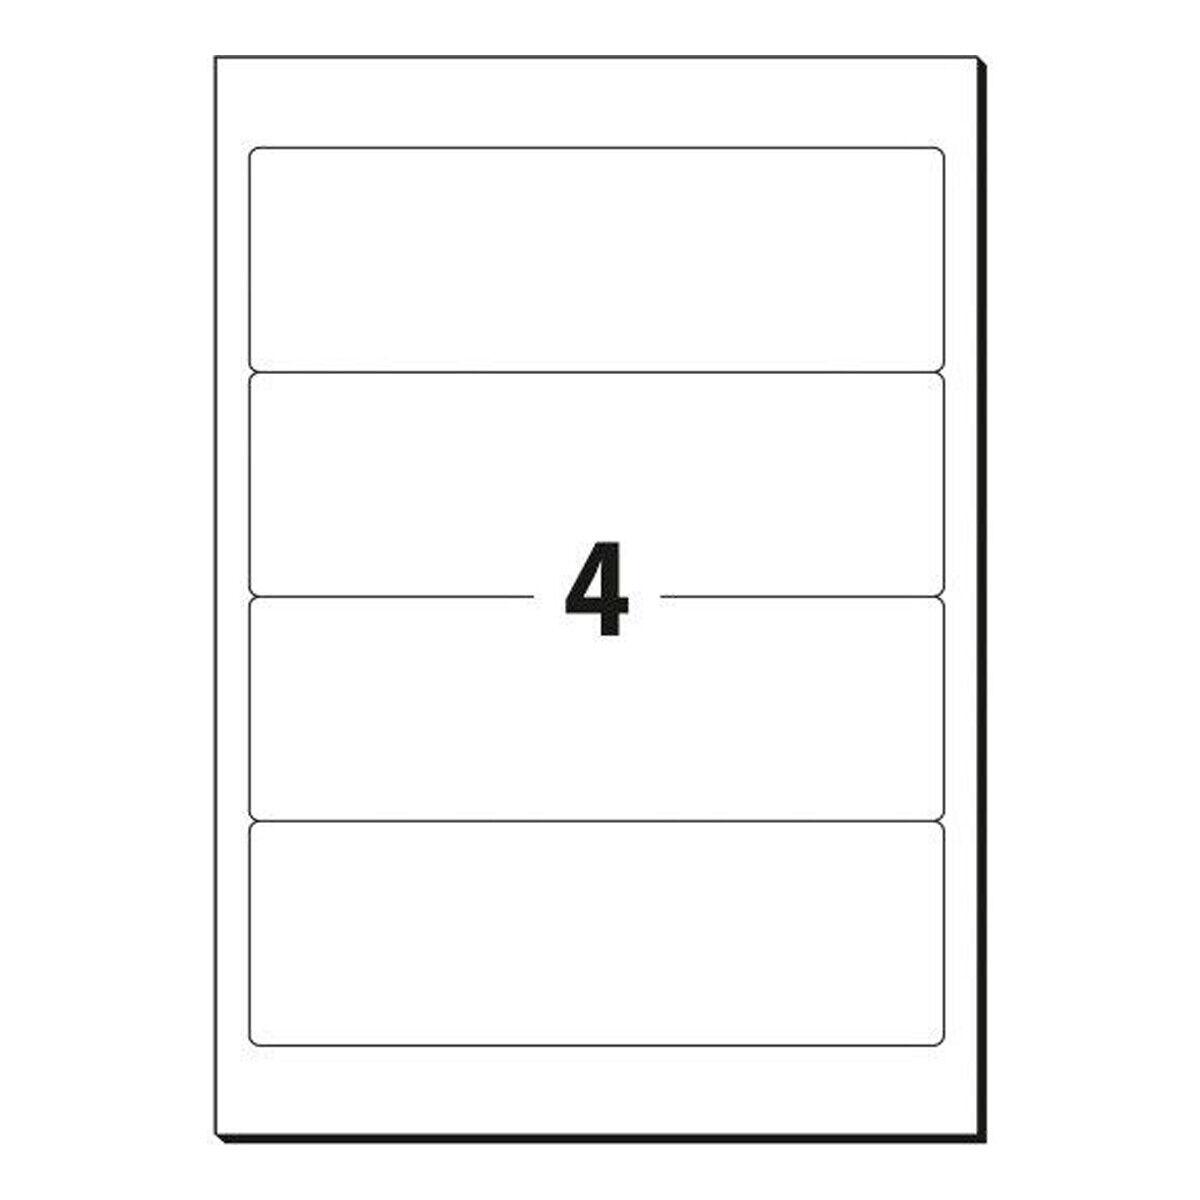 Ordneretiketten Ordnerrücken Rückenschilder Ordner Etiketten 190x62 mm Breit A4